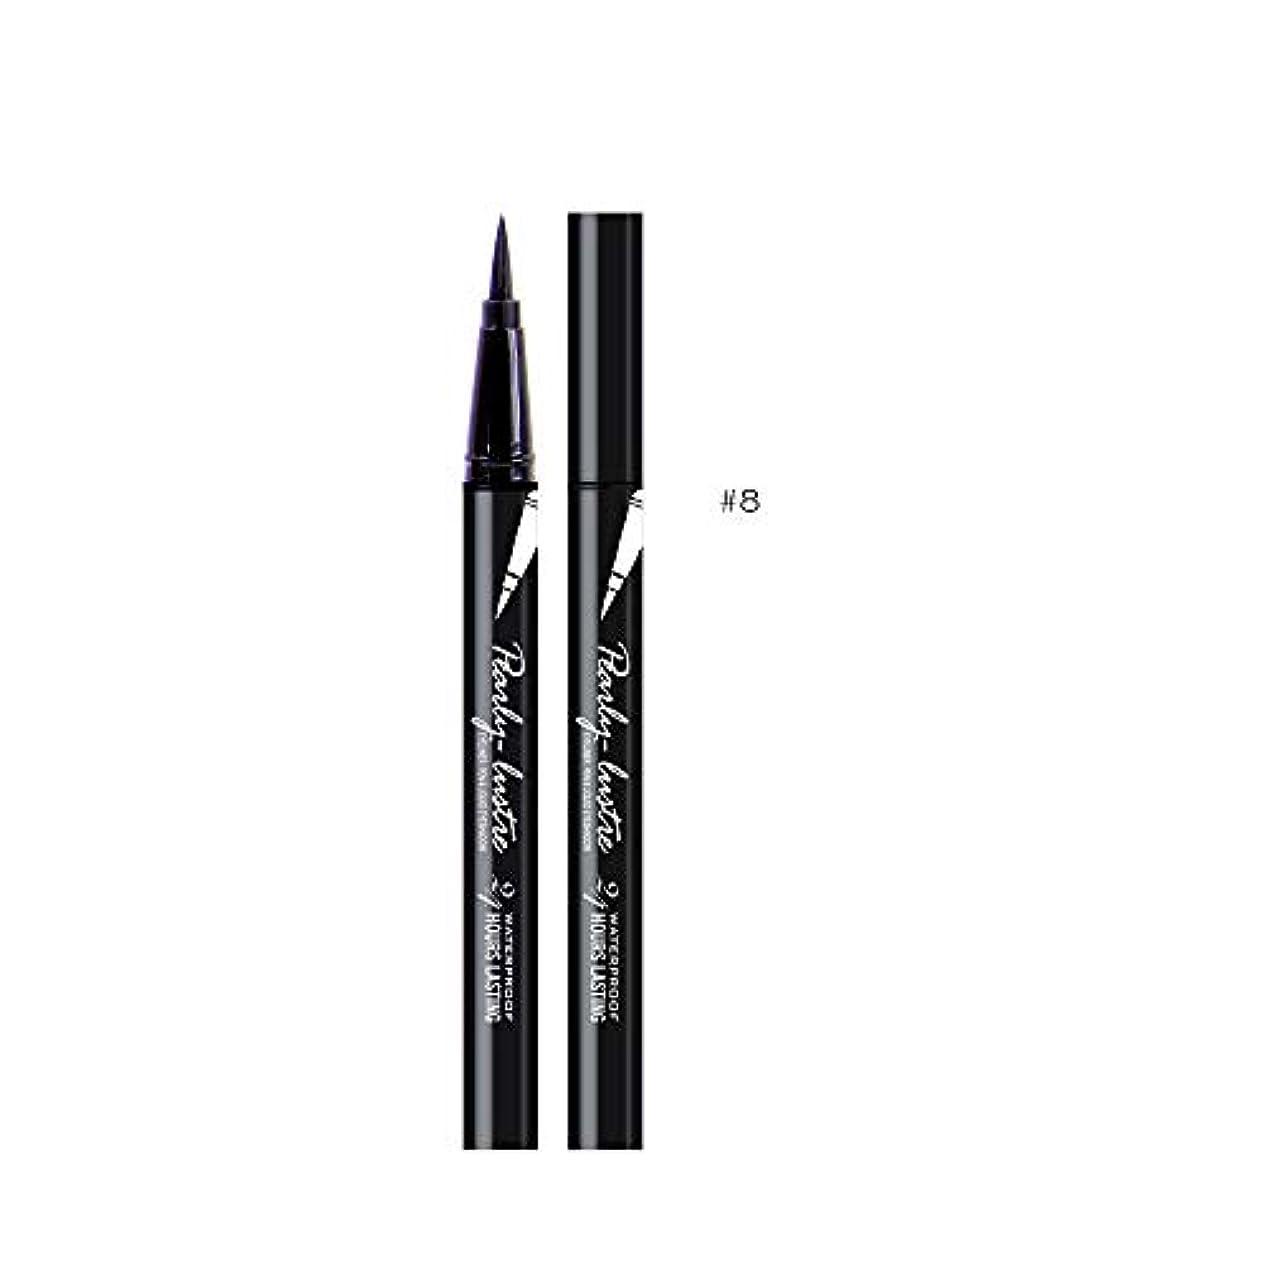 競合他社選手ムスタチオ回復美容黒防水アイライナーリキッドアイライナーペン鉛筆メイク化粧品